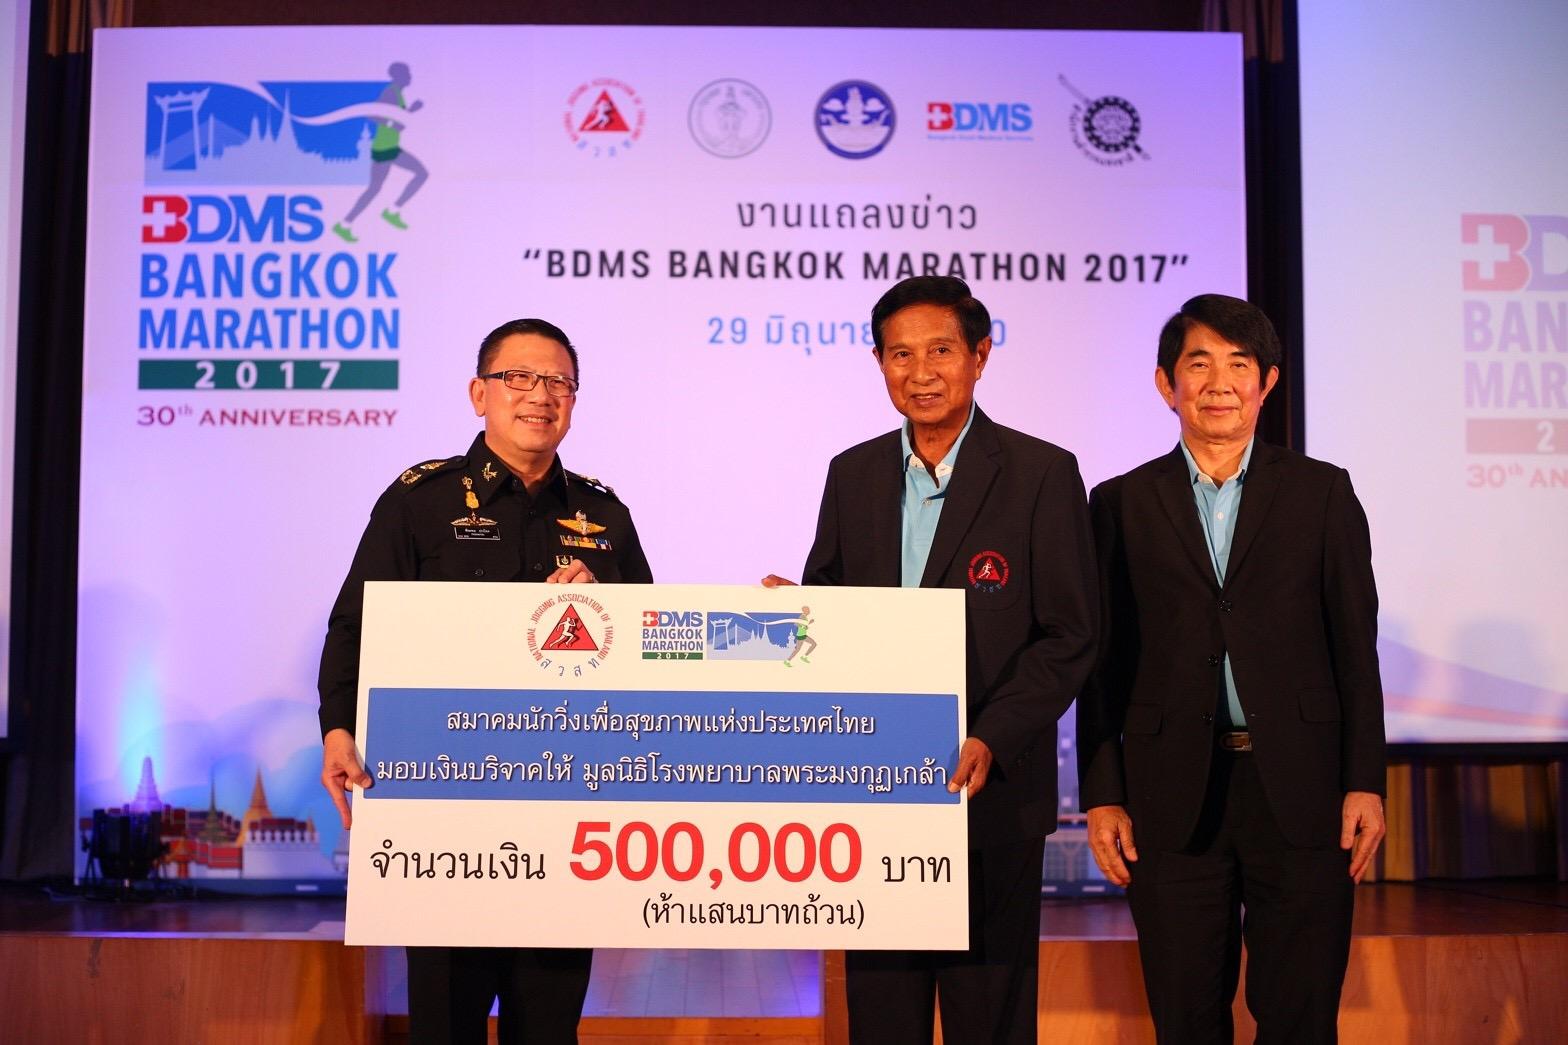 """สมาคมนักวิ่งฯ จัดแถลงข่าว """"BDMS BANGKOK MARATHON 2017"""""""